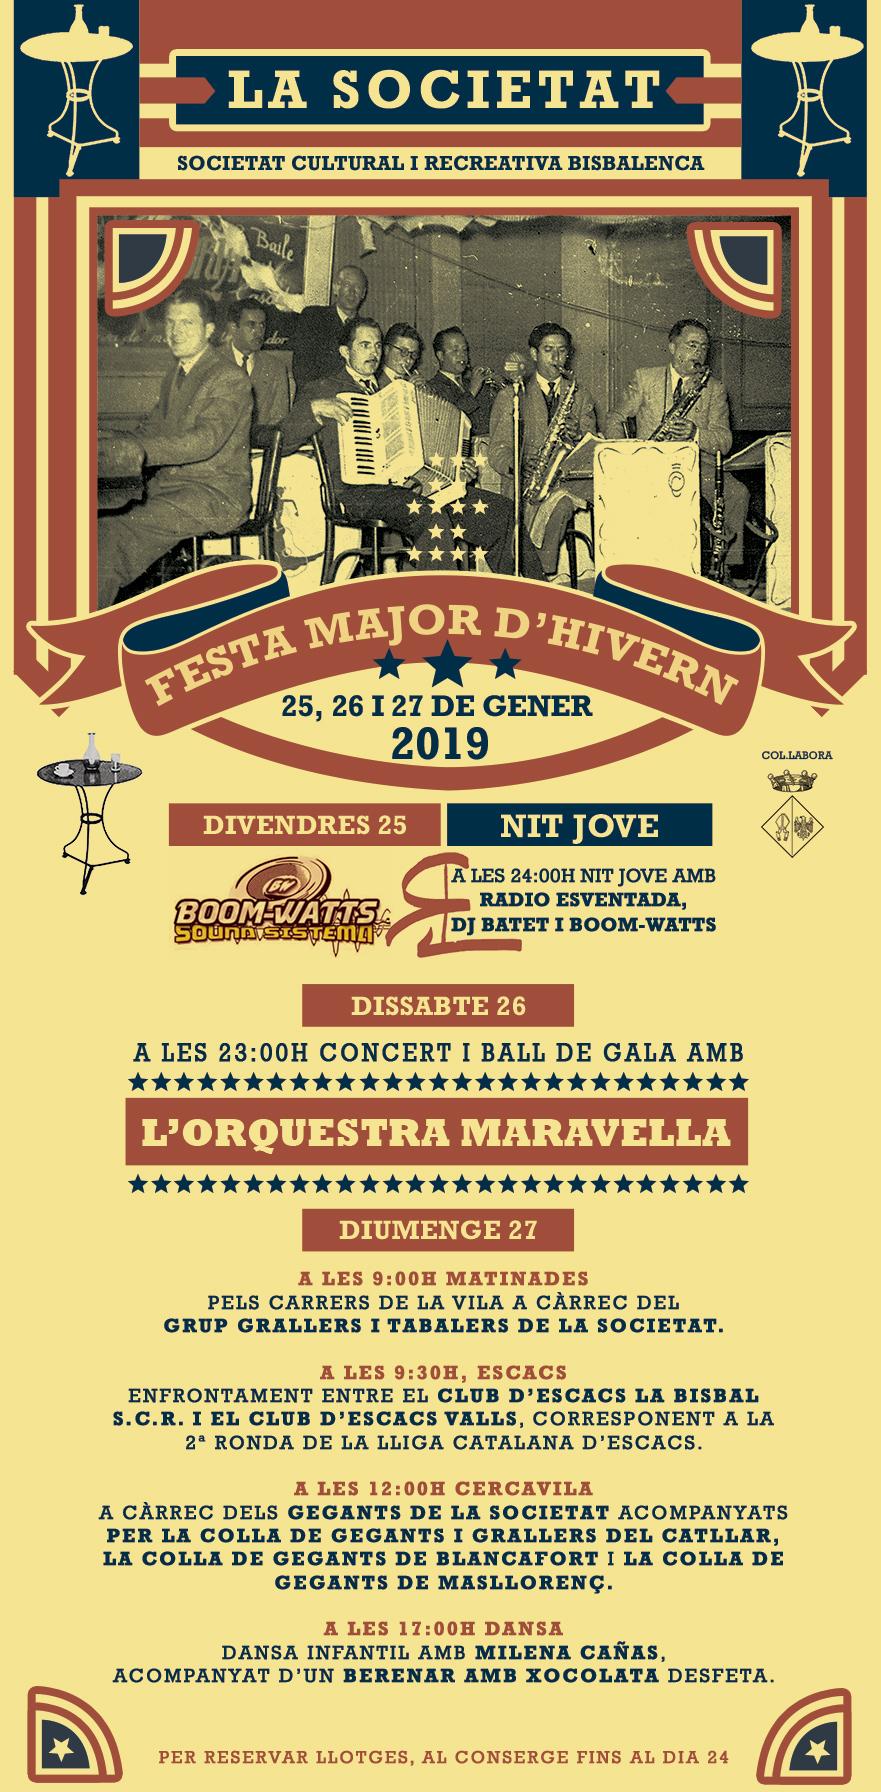 La Societat Cultural i Recreativa celebra la Festa Major d'Hivern del 25 al 27 de gener